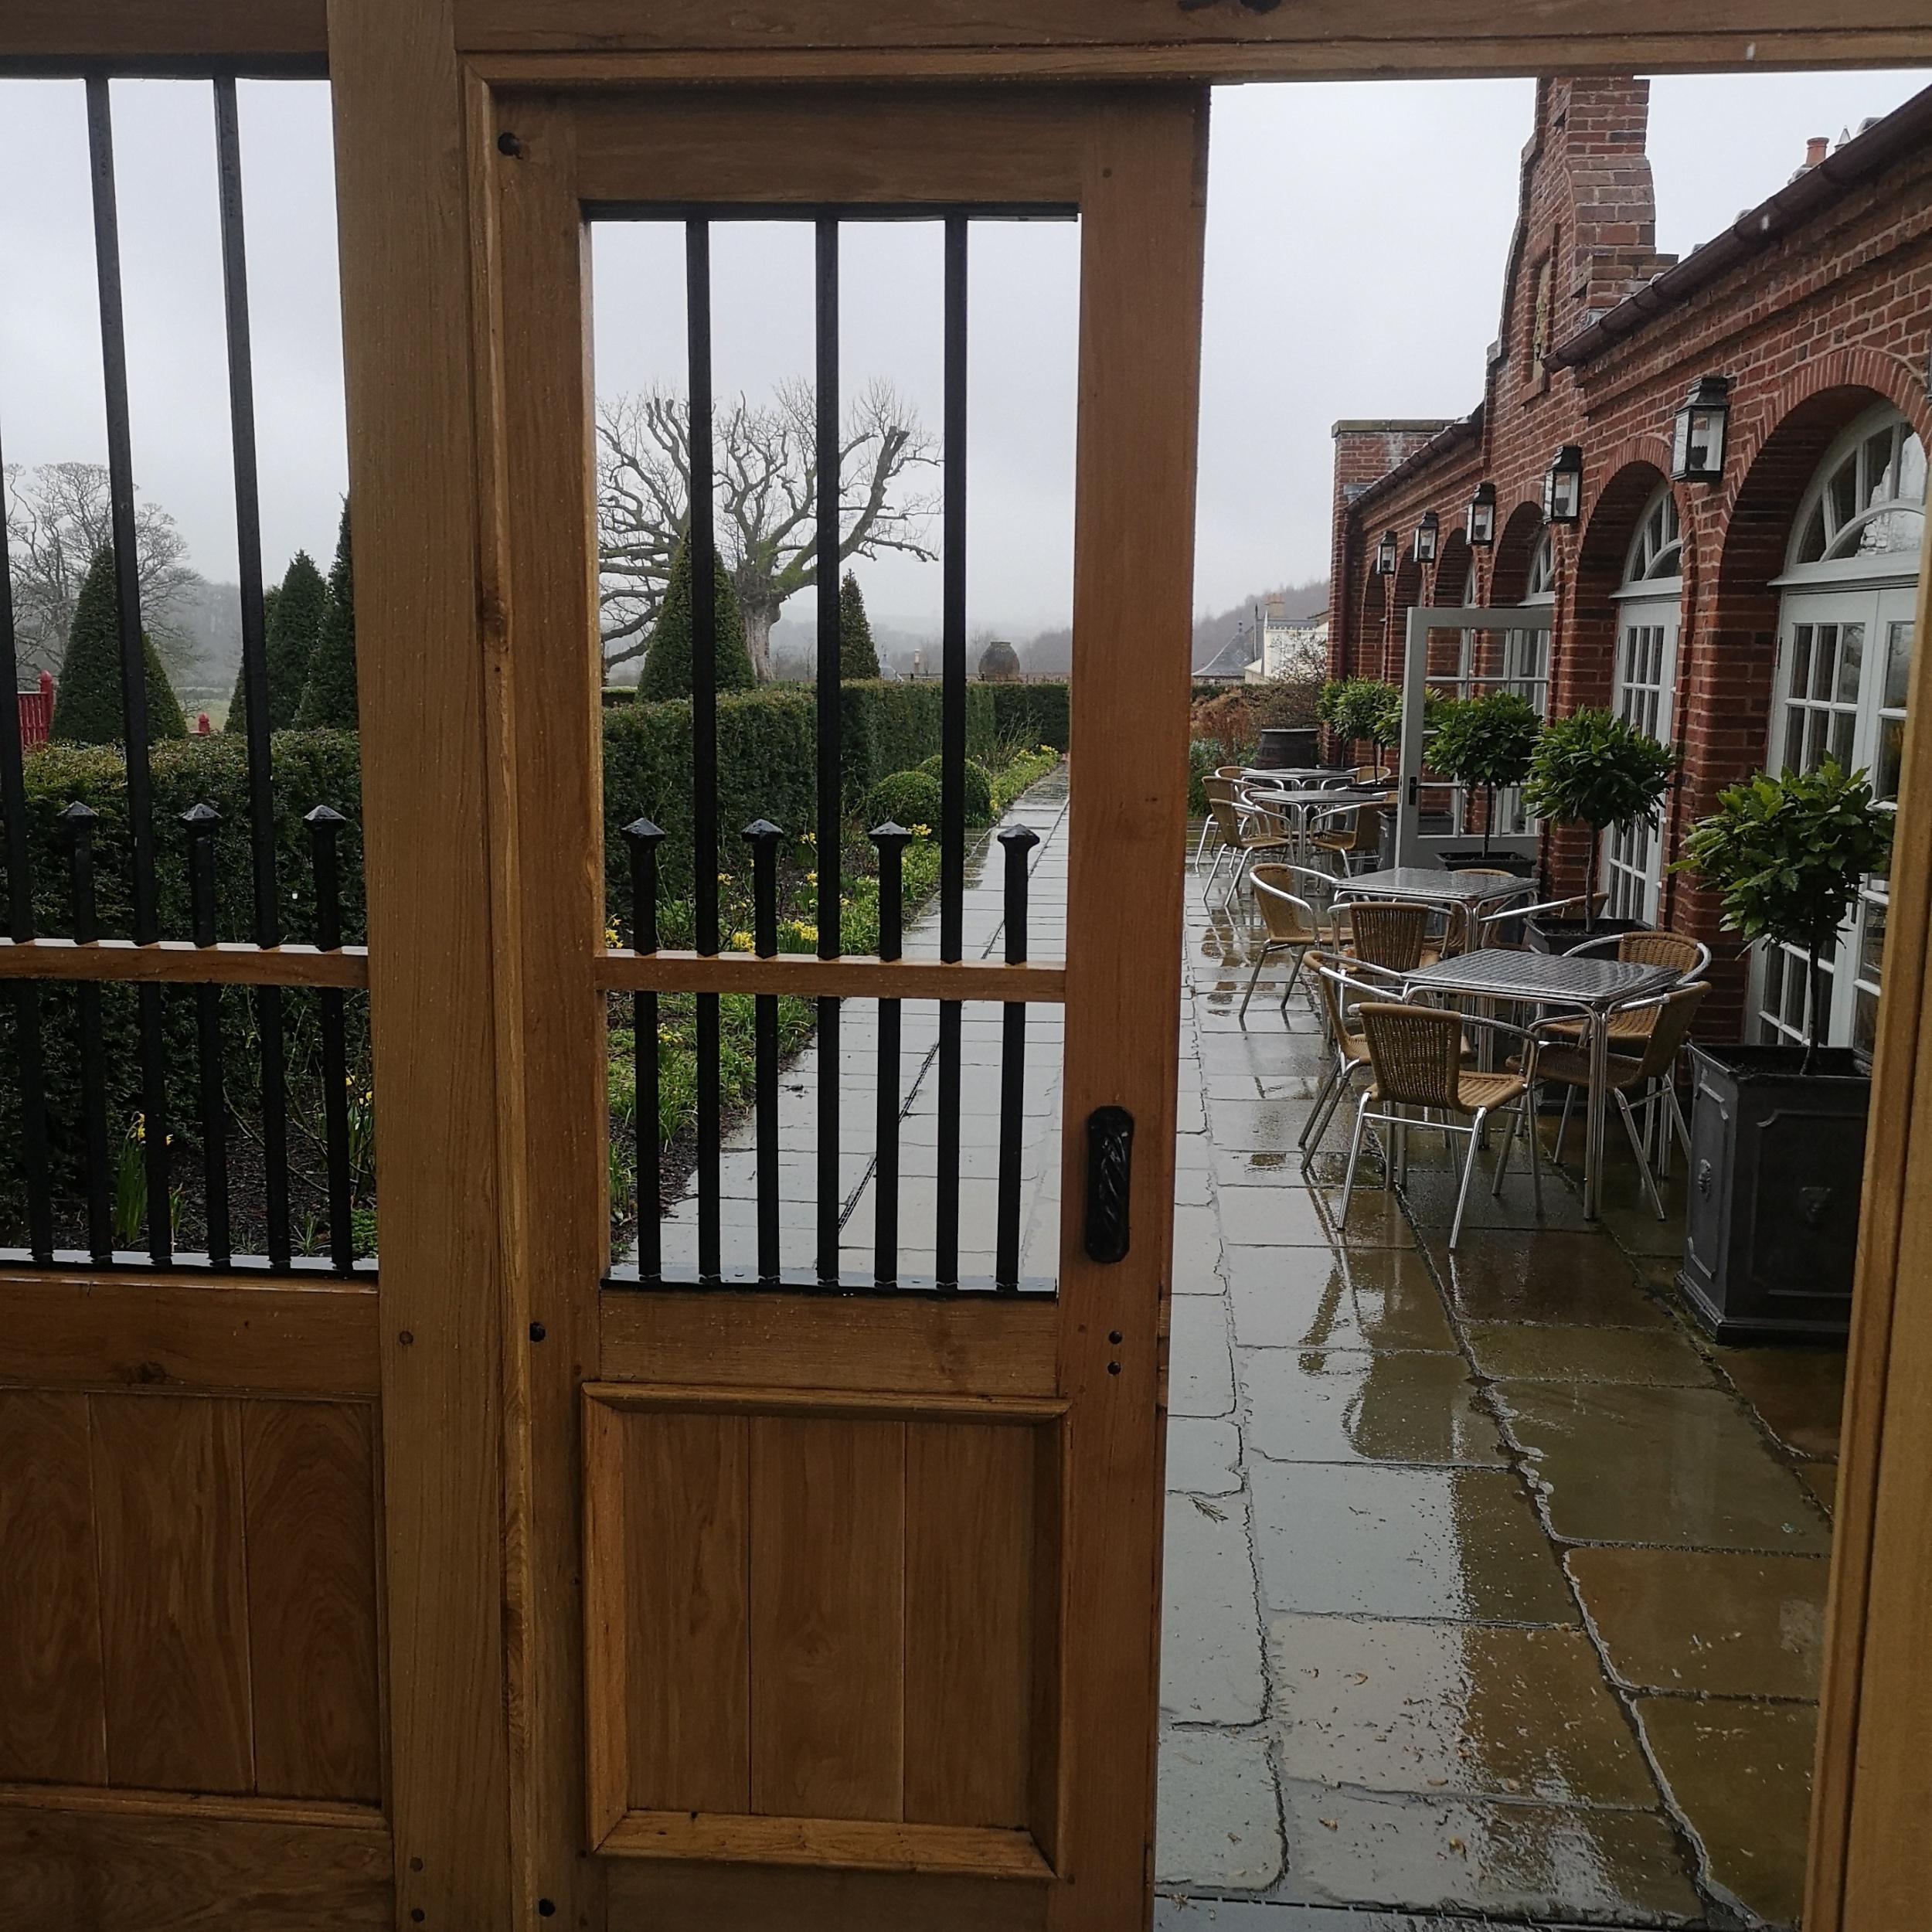 View of Dumfries House walled garden gate door